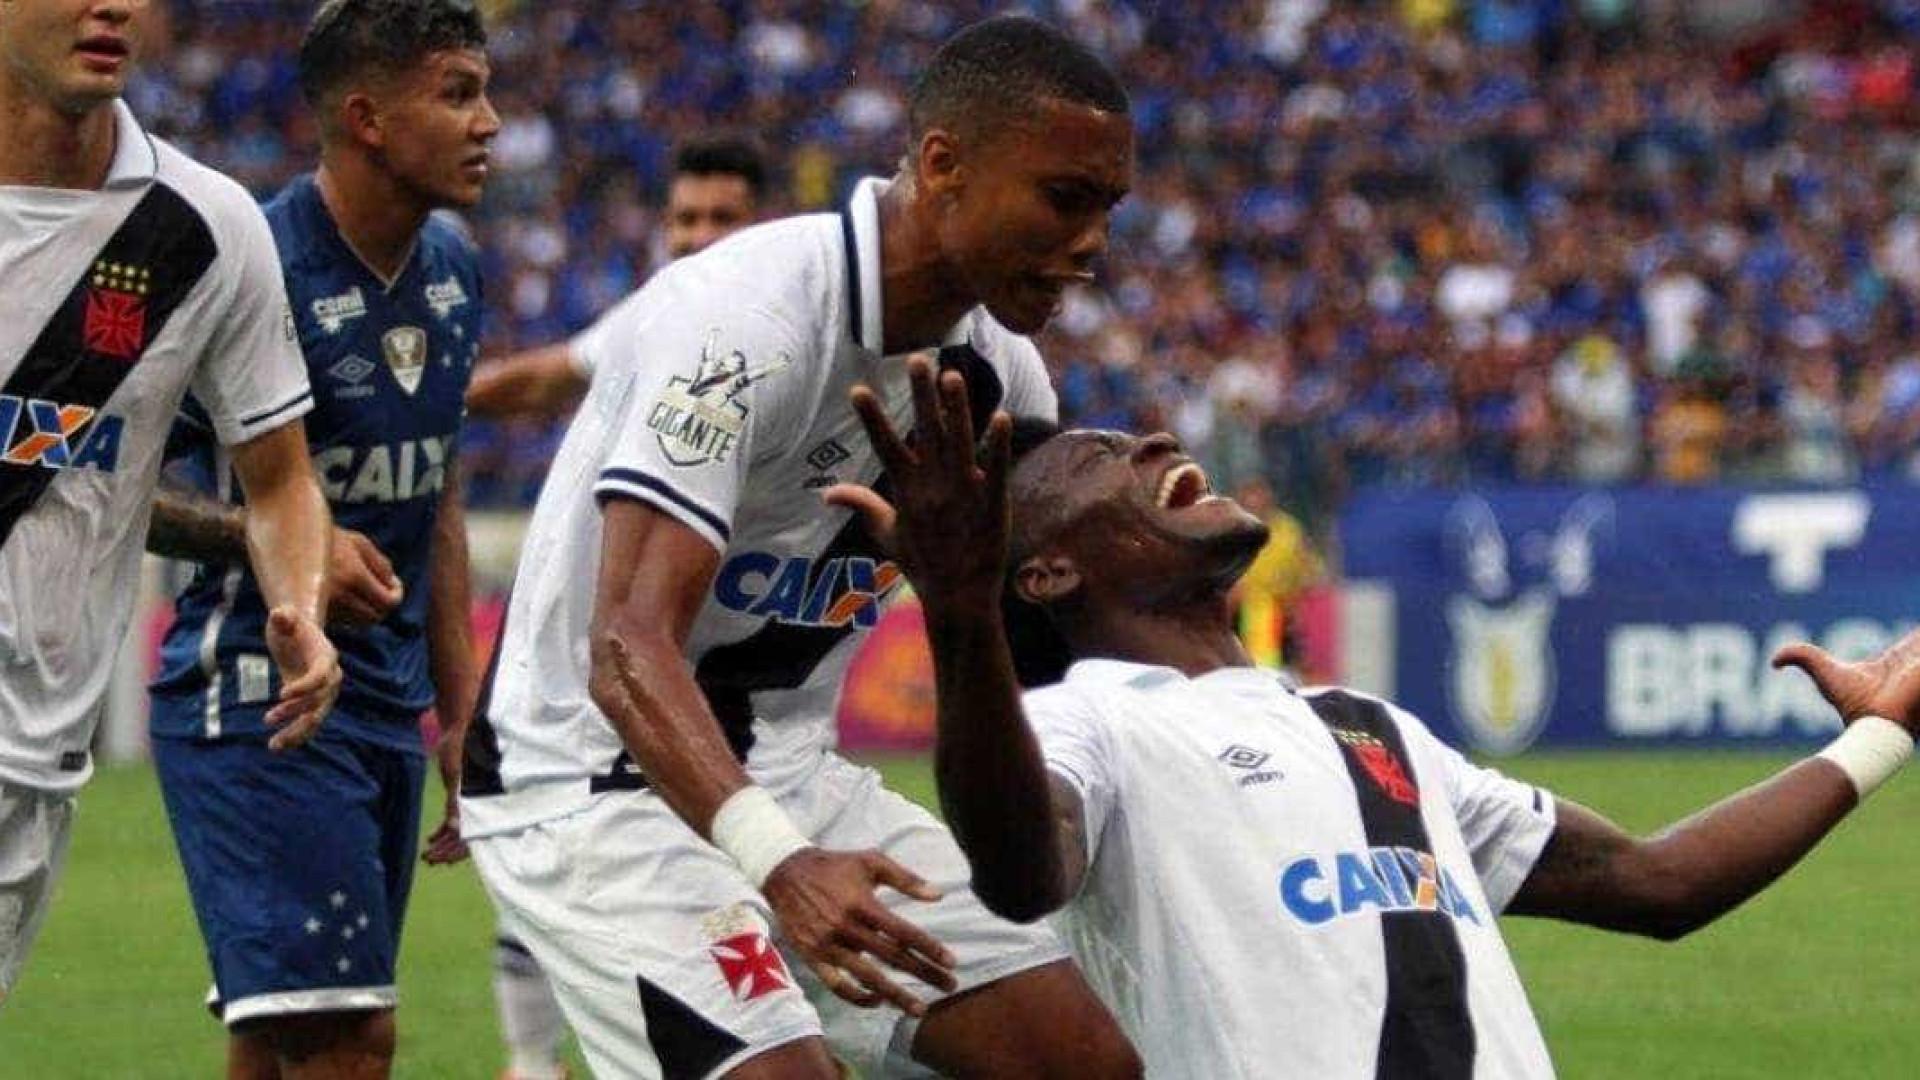 Vasco derrota o Cruzeiro e entra no G-7 do Campeonato Brasileiro